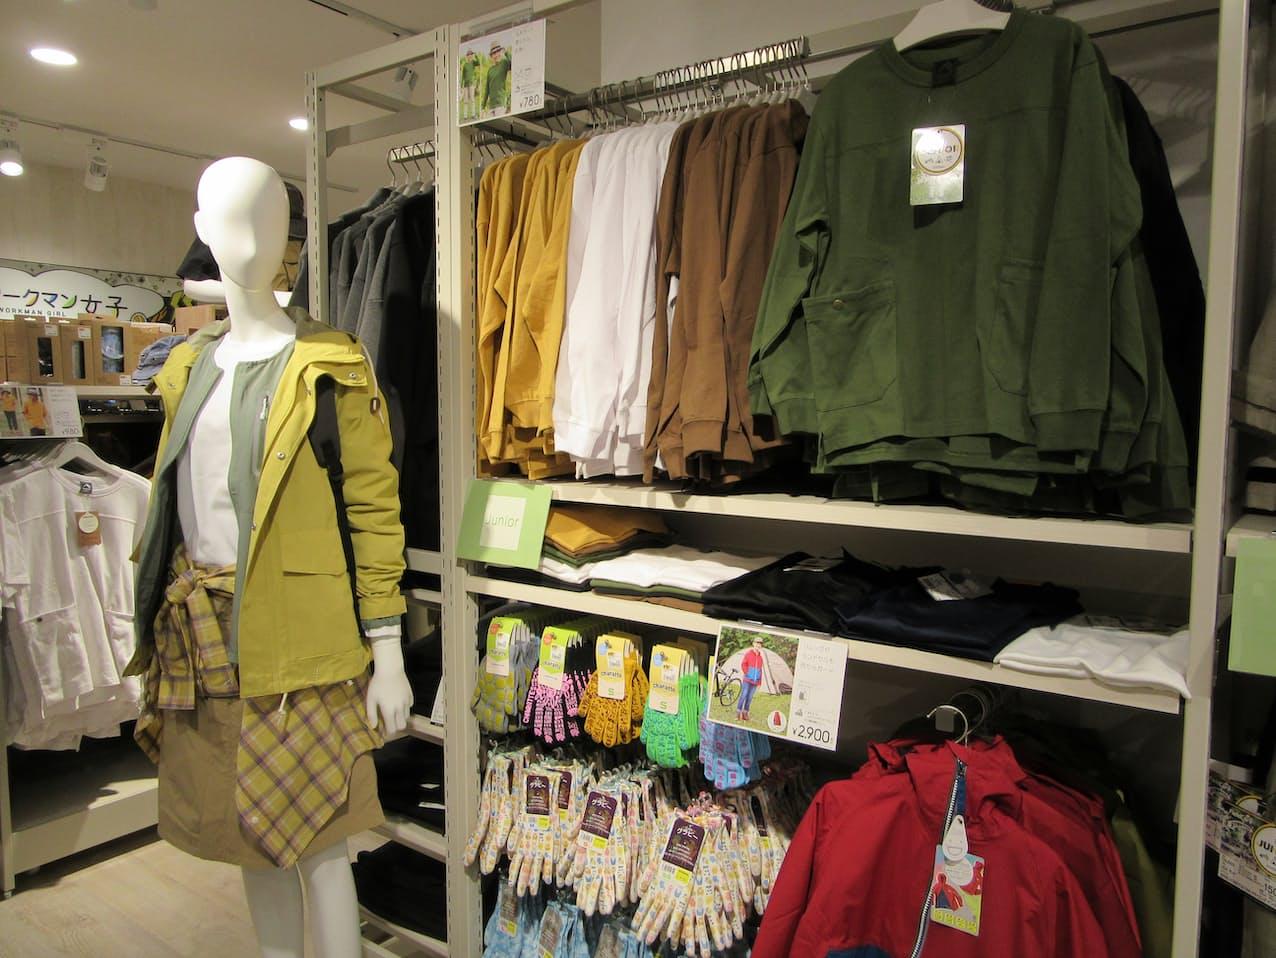 ワークマンはカジュアル衣料の「ワークマンプラス」が好調で業績が拡大している